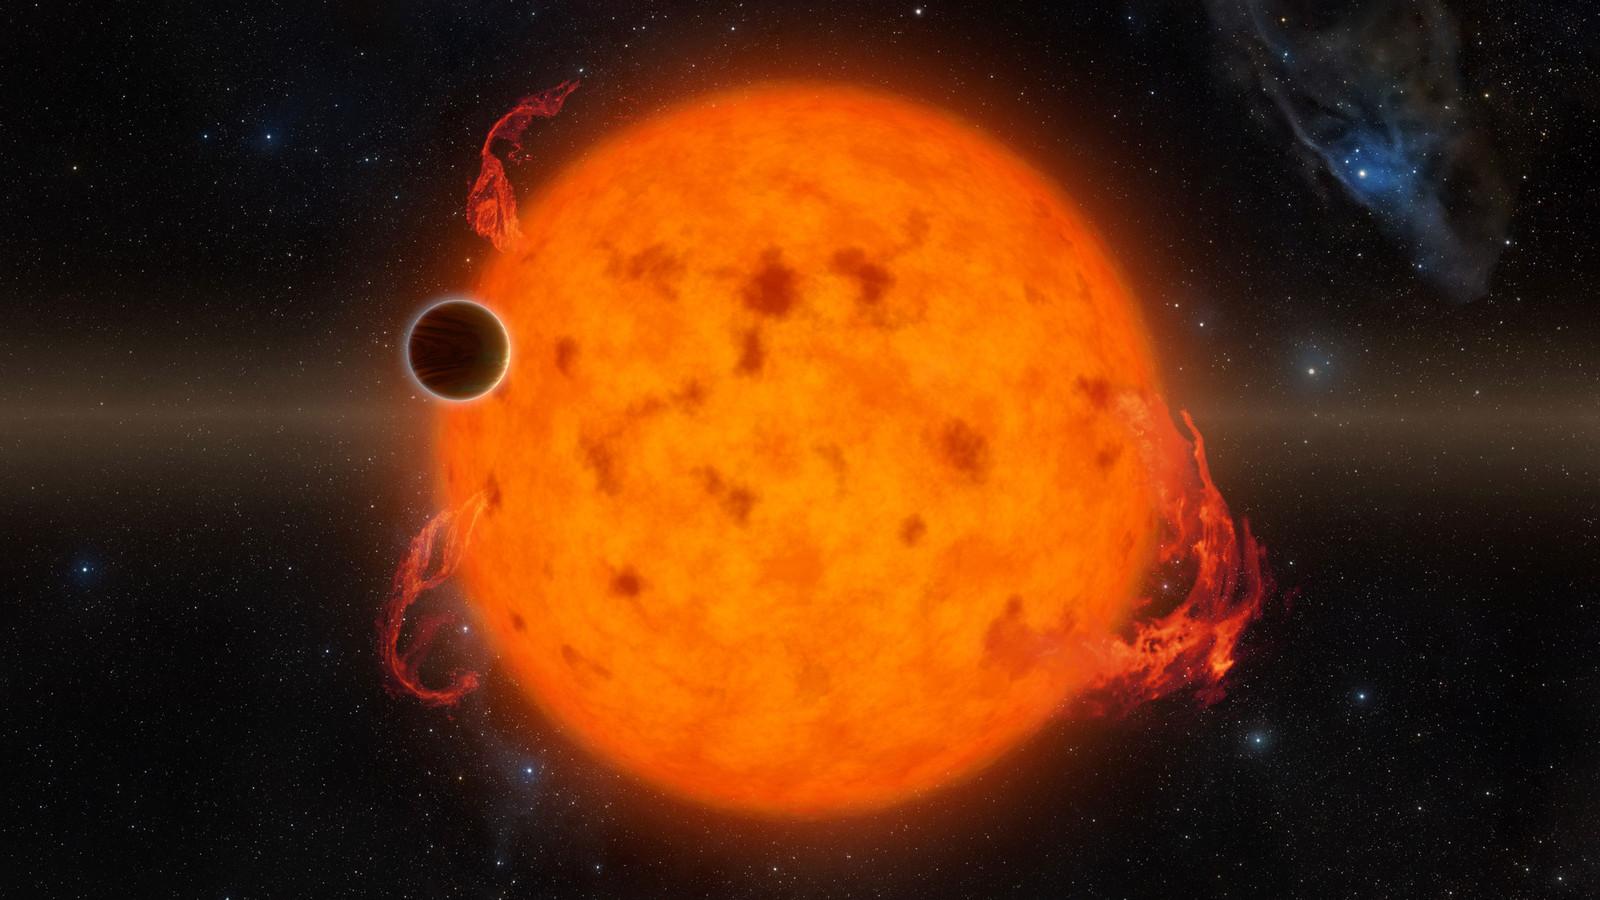 De exoplaneet K2-33 bevindt zich in het sterrenbeeld Schorpioen op 470 lichtjaar van ons.